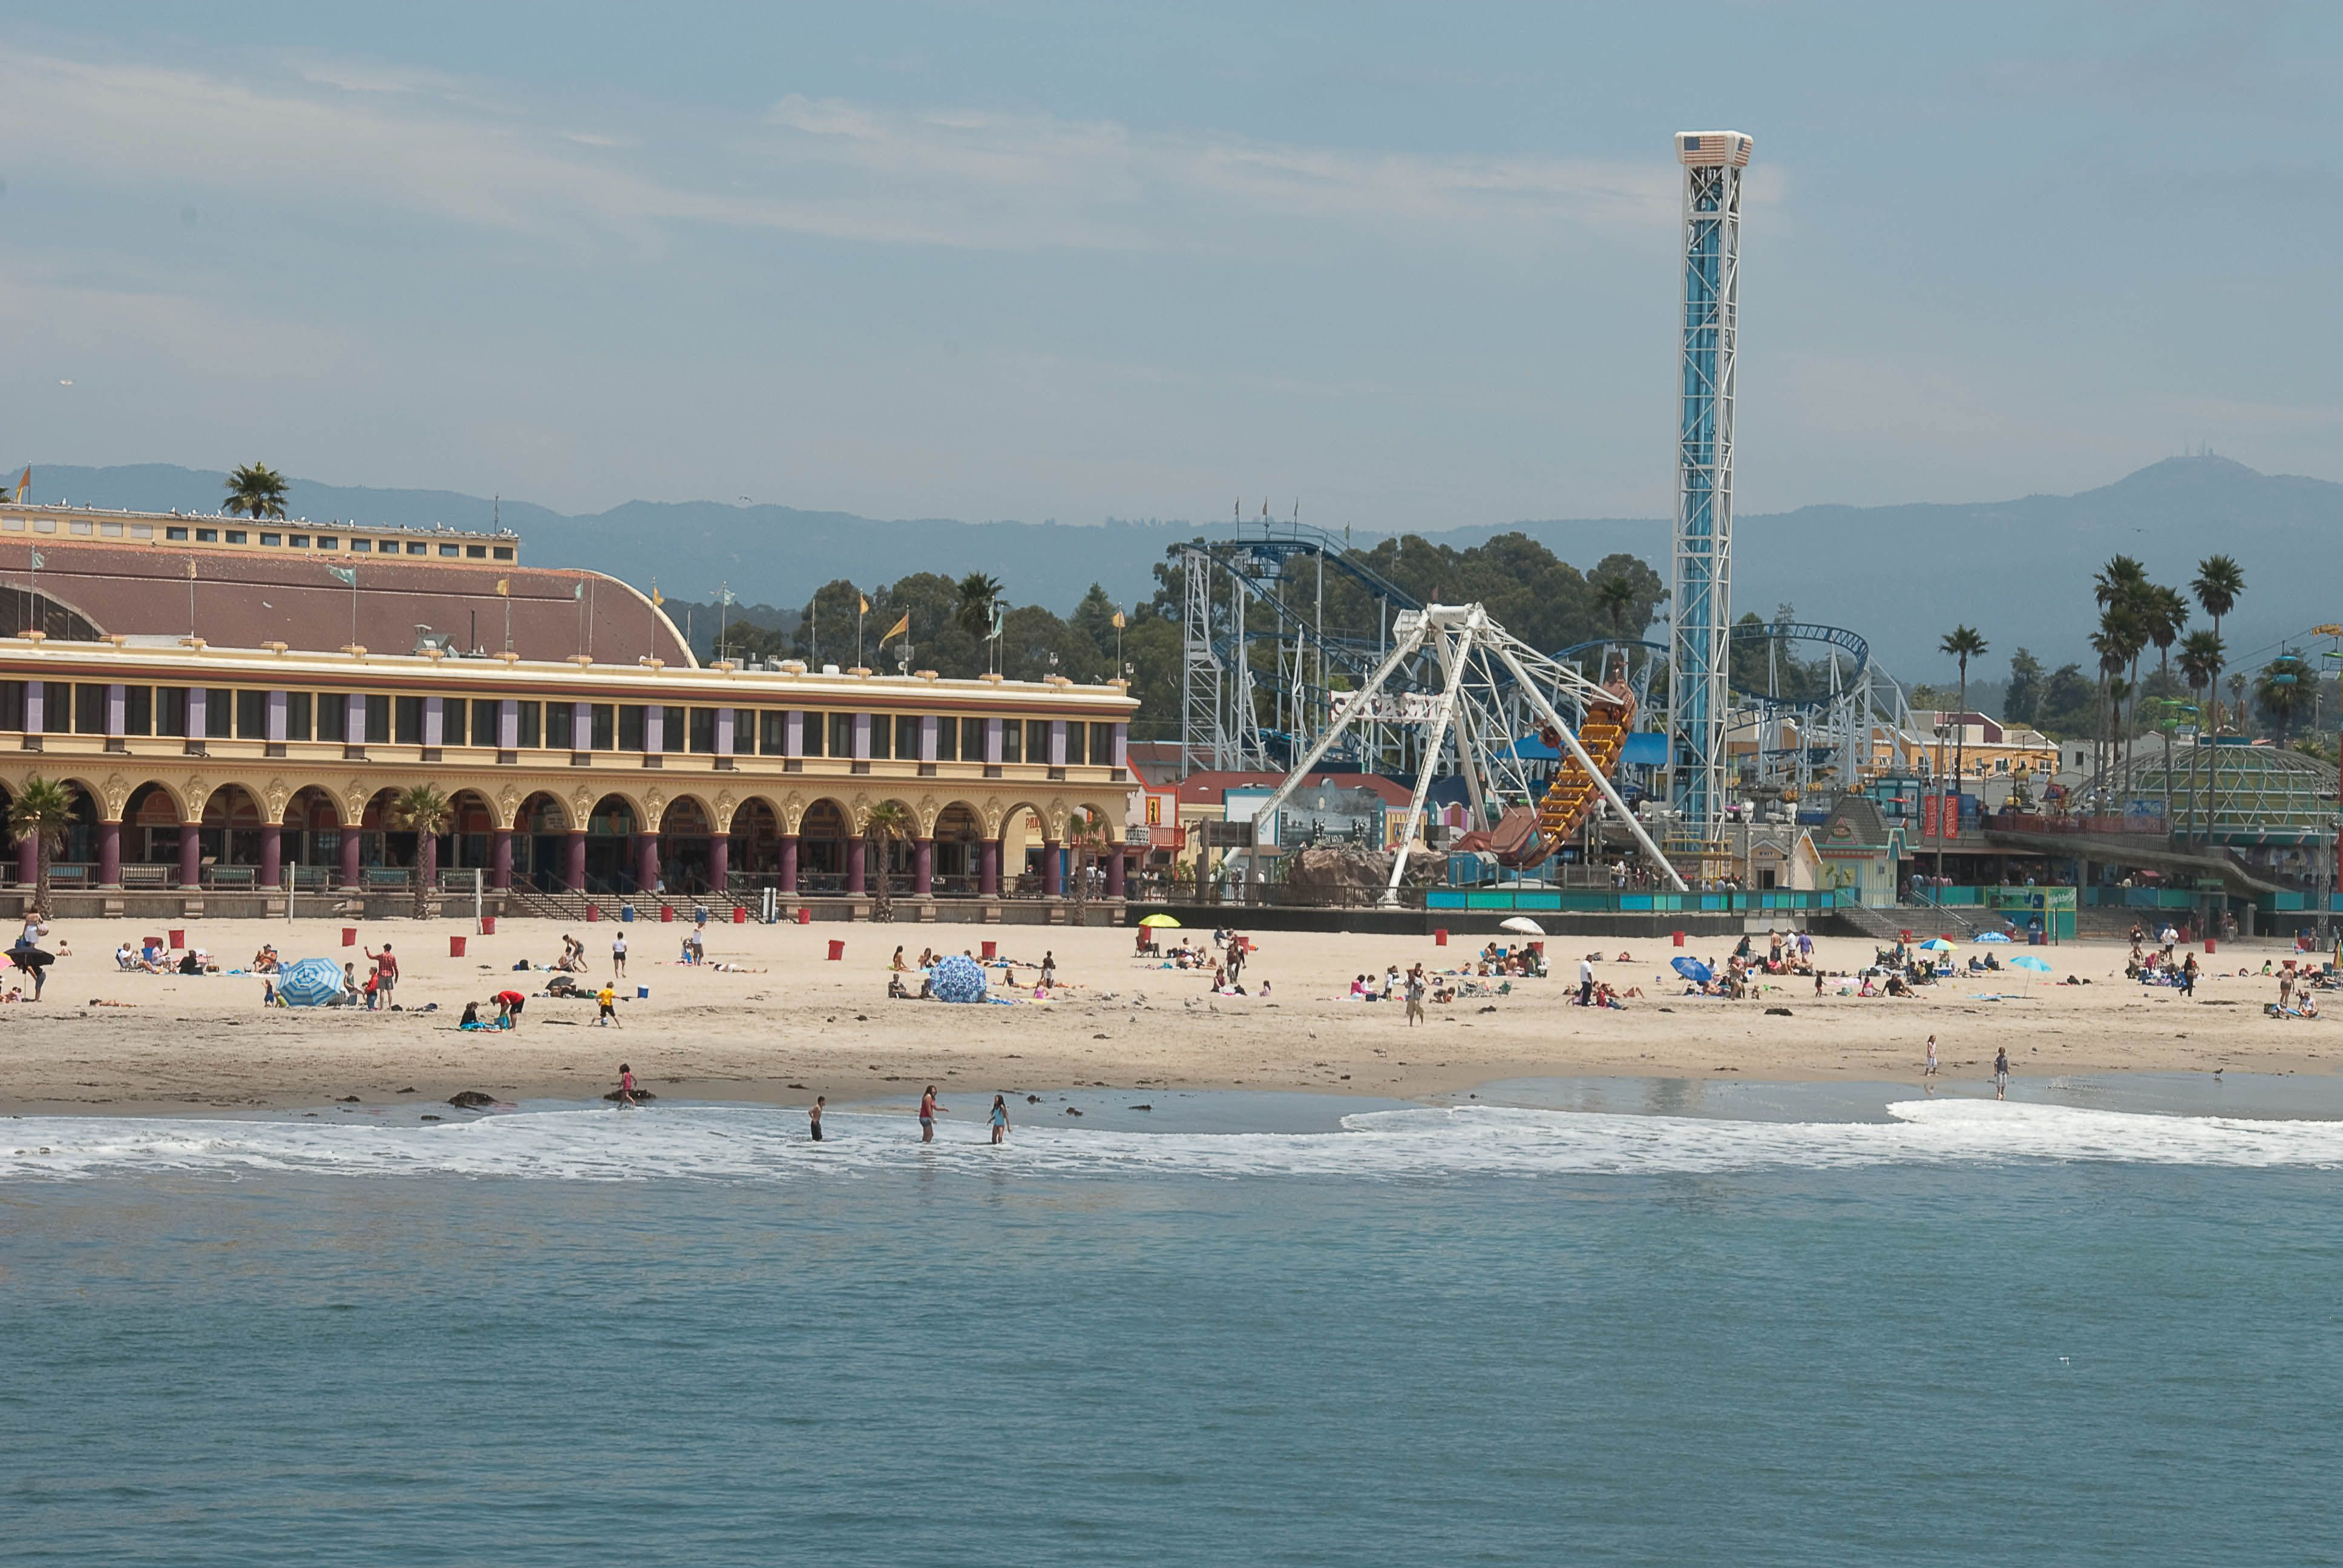 Santa Cruz Beach Boardwalk Is Awesome